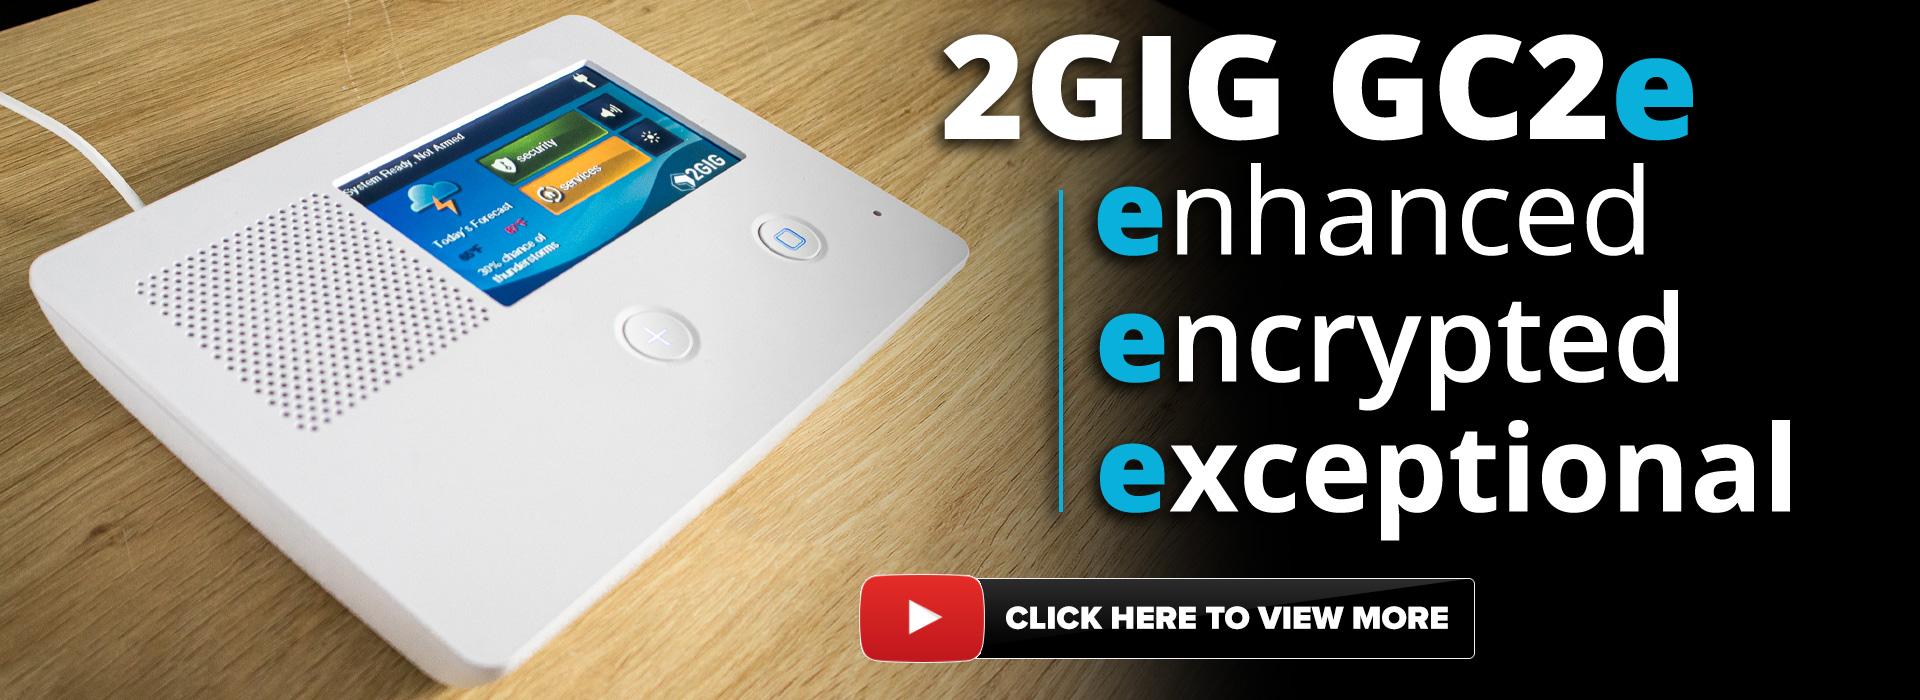 2GIG-GC2e